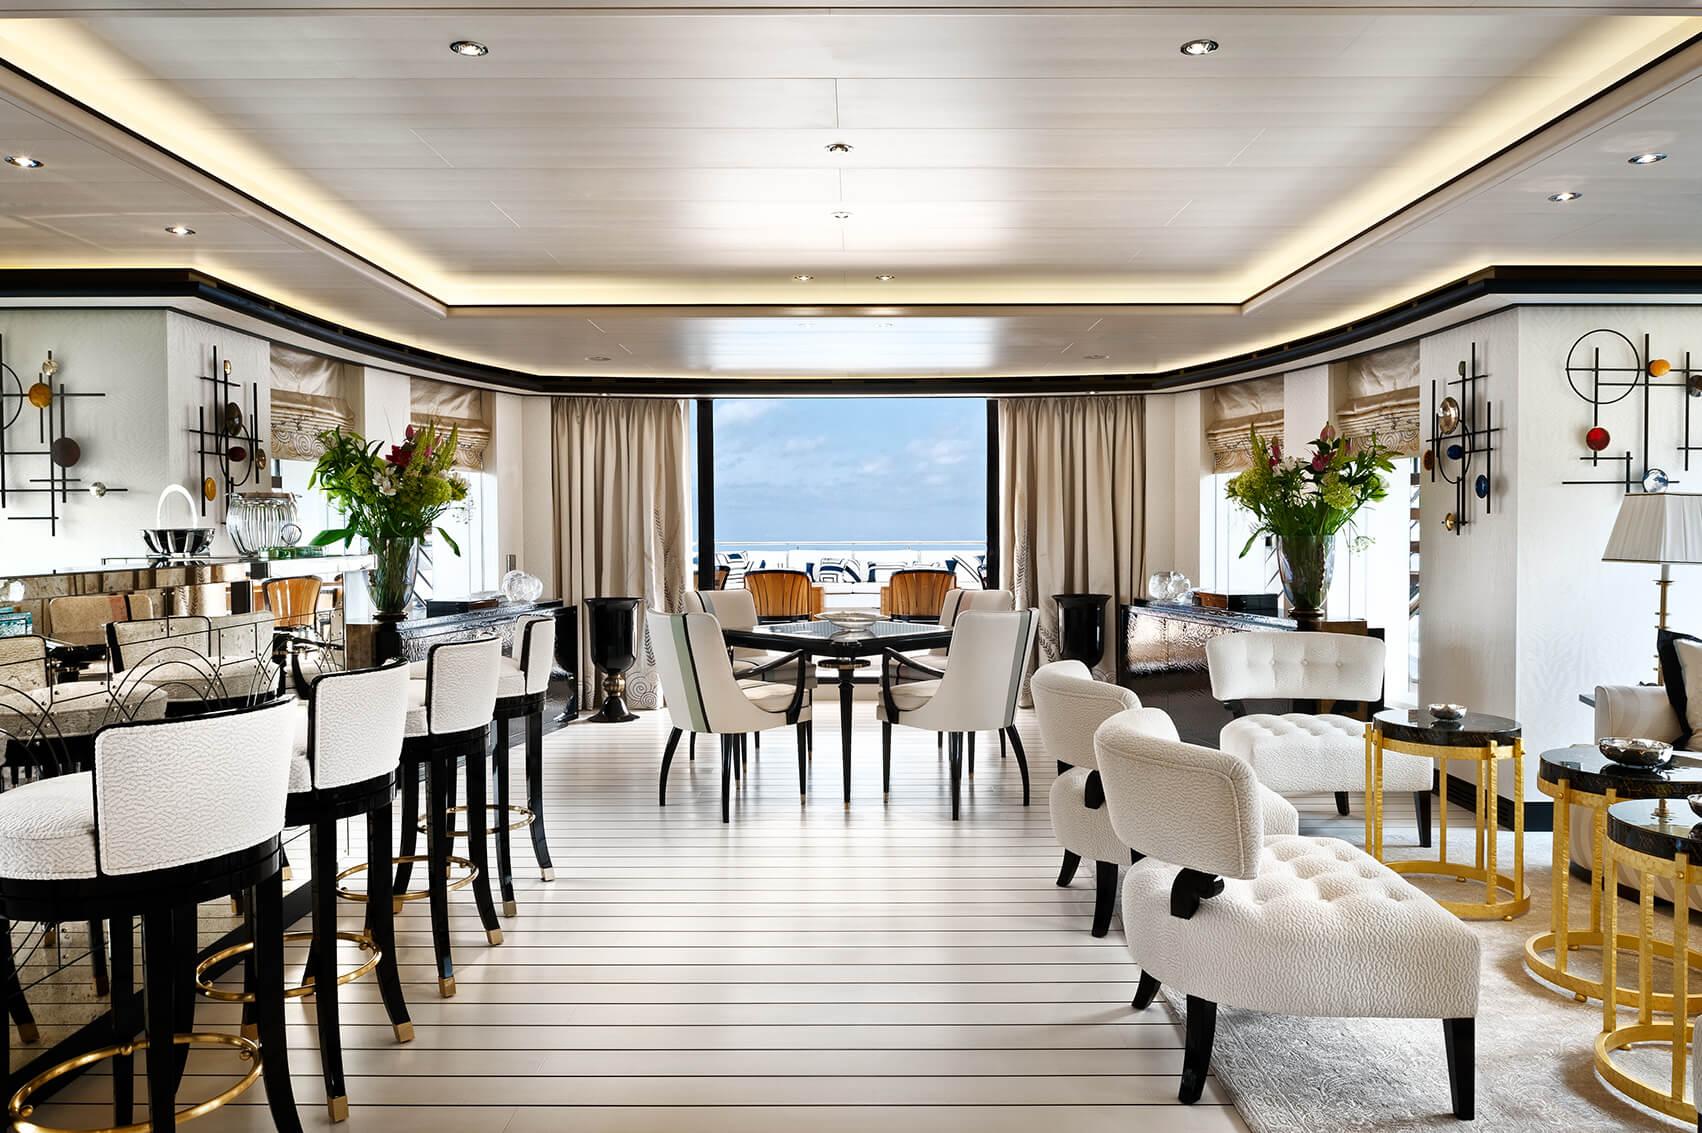 Alberto pinto top interior designers exclusive interior designers exclusive designers paris interior